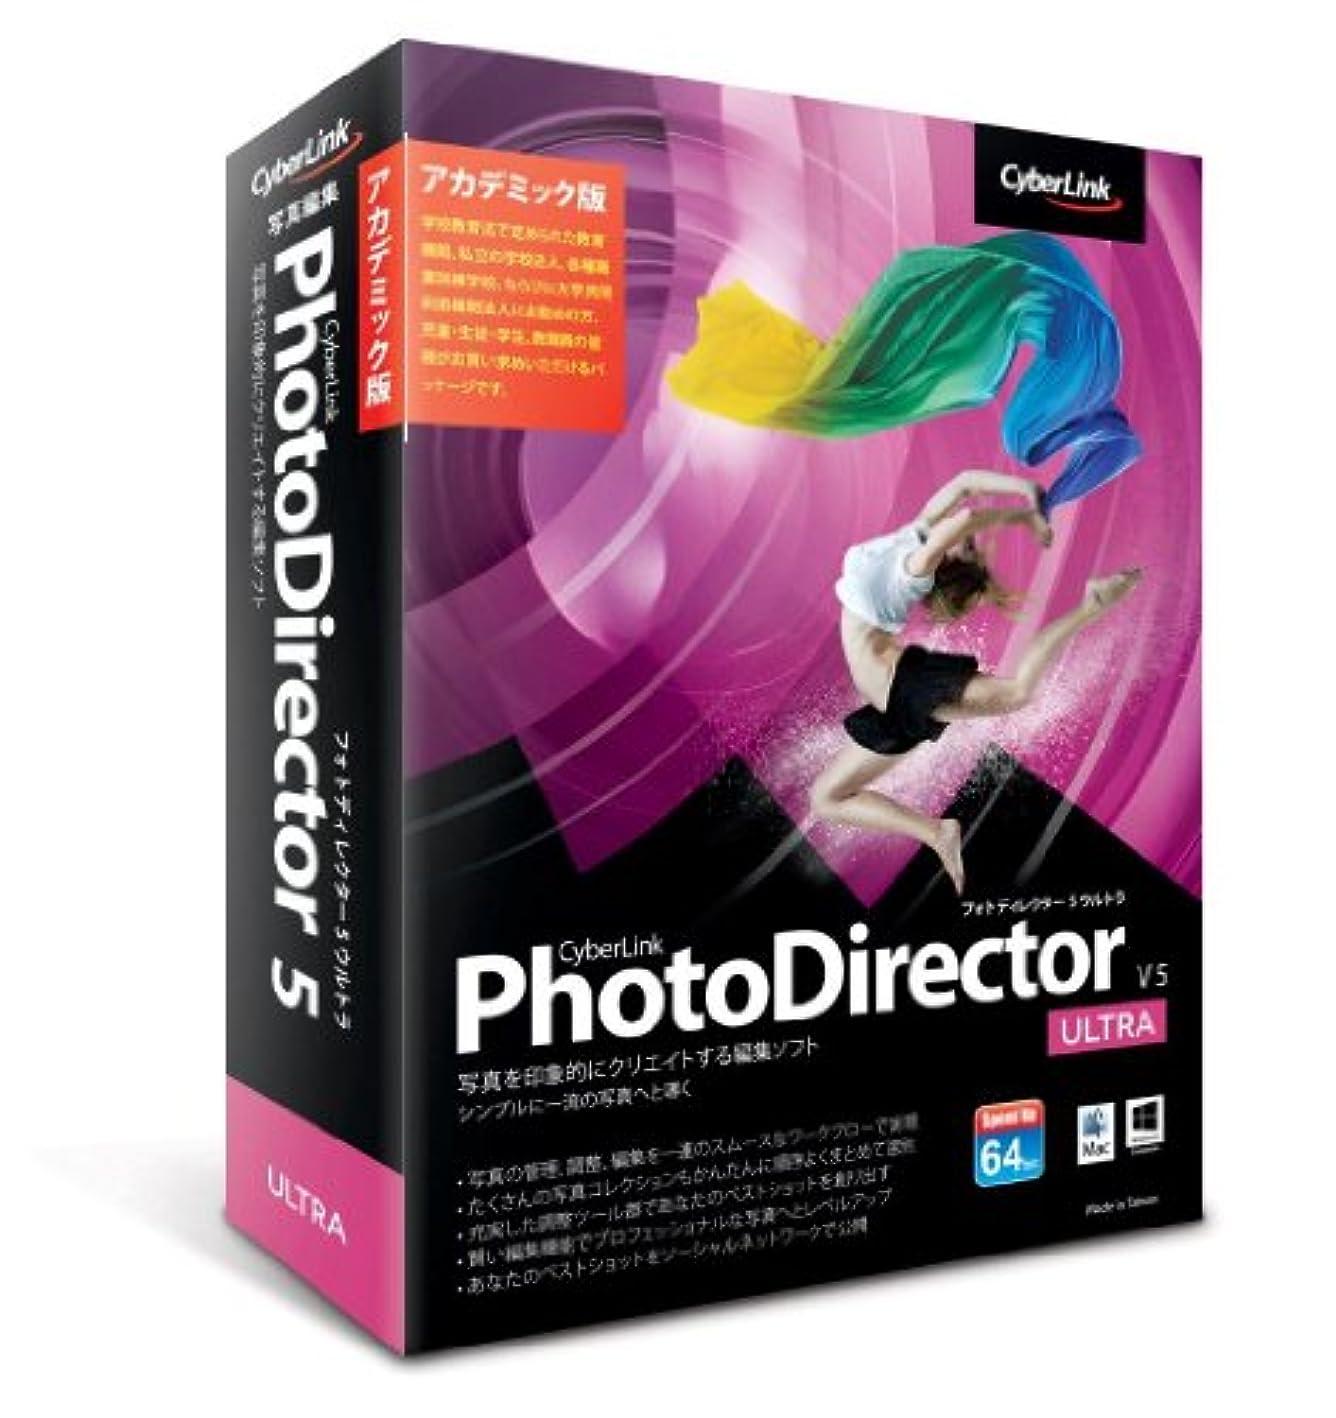 引き潮選択する硫黄PhotoDirector5 Ultra アカデミック版